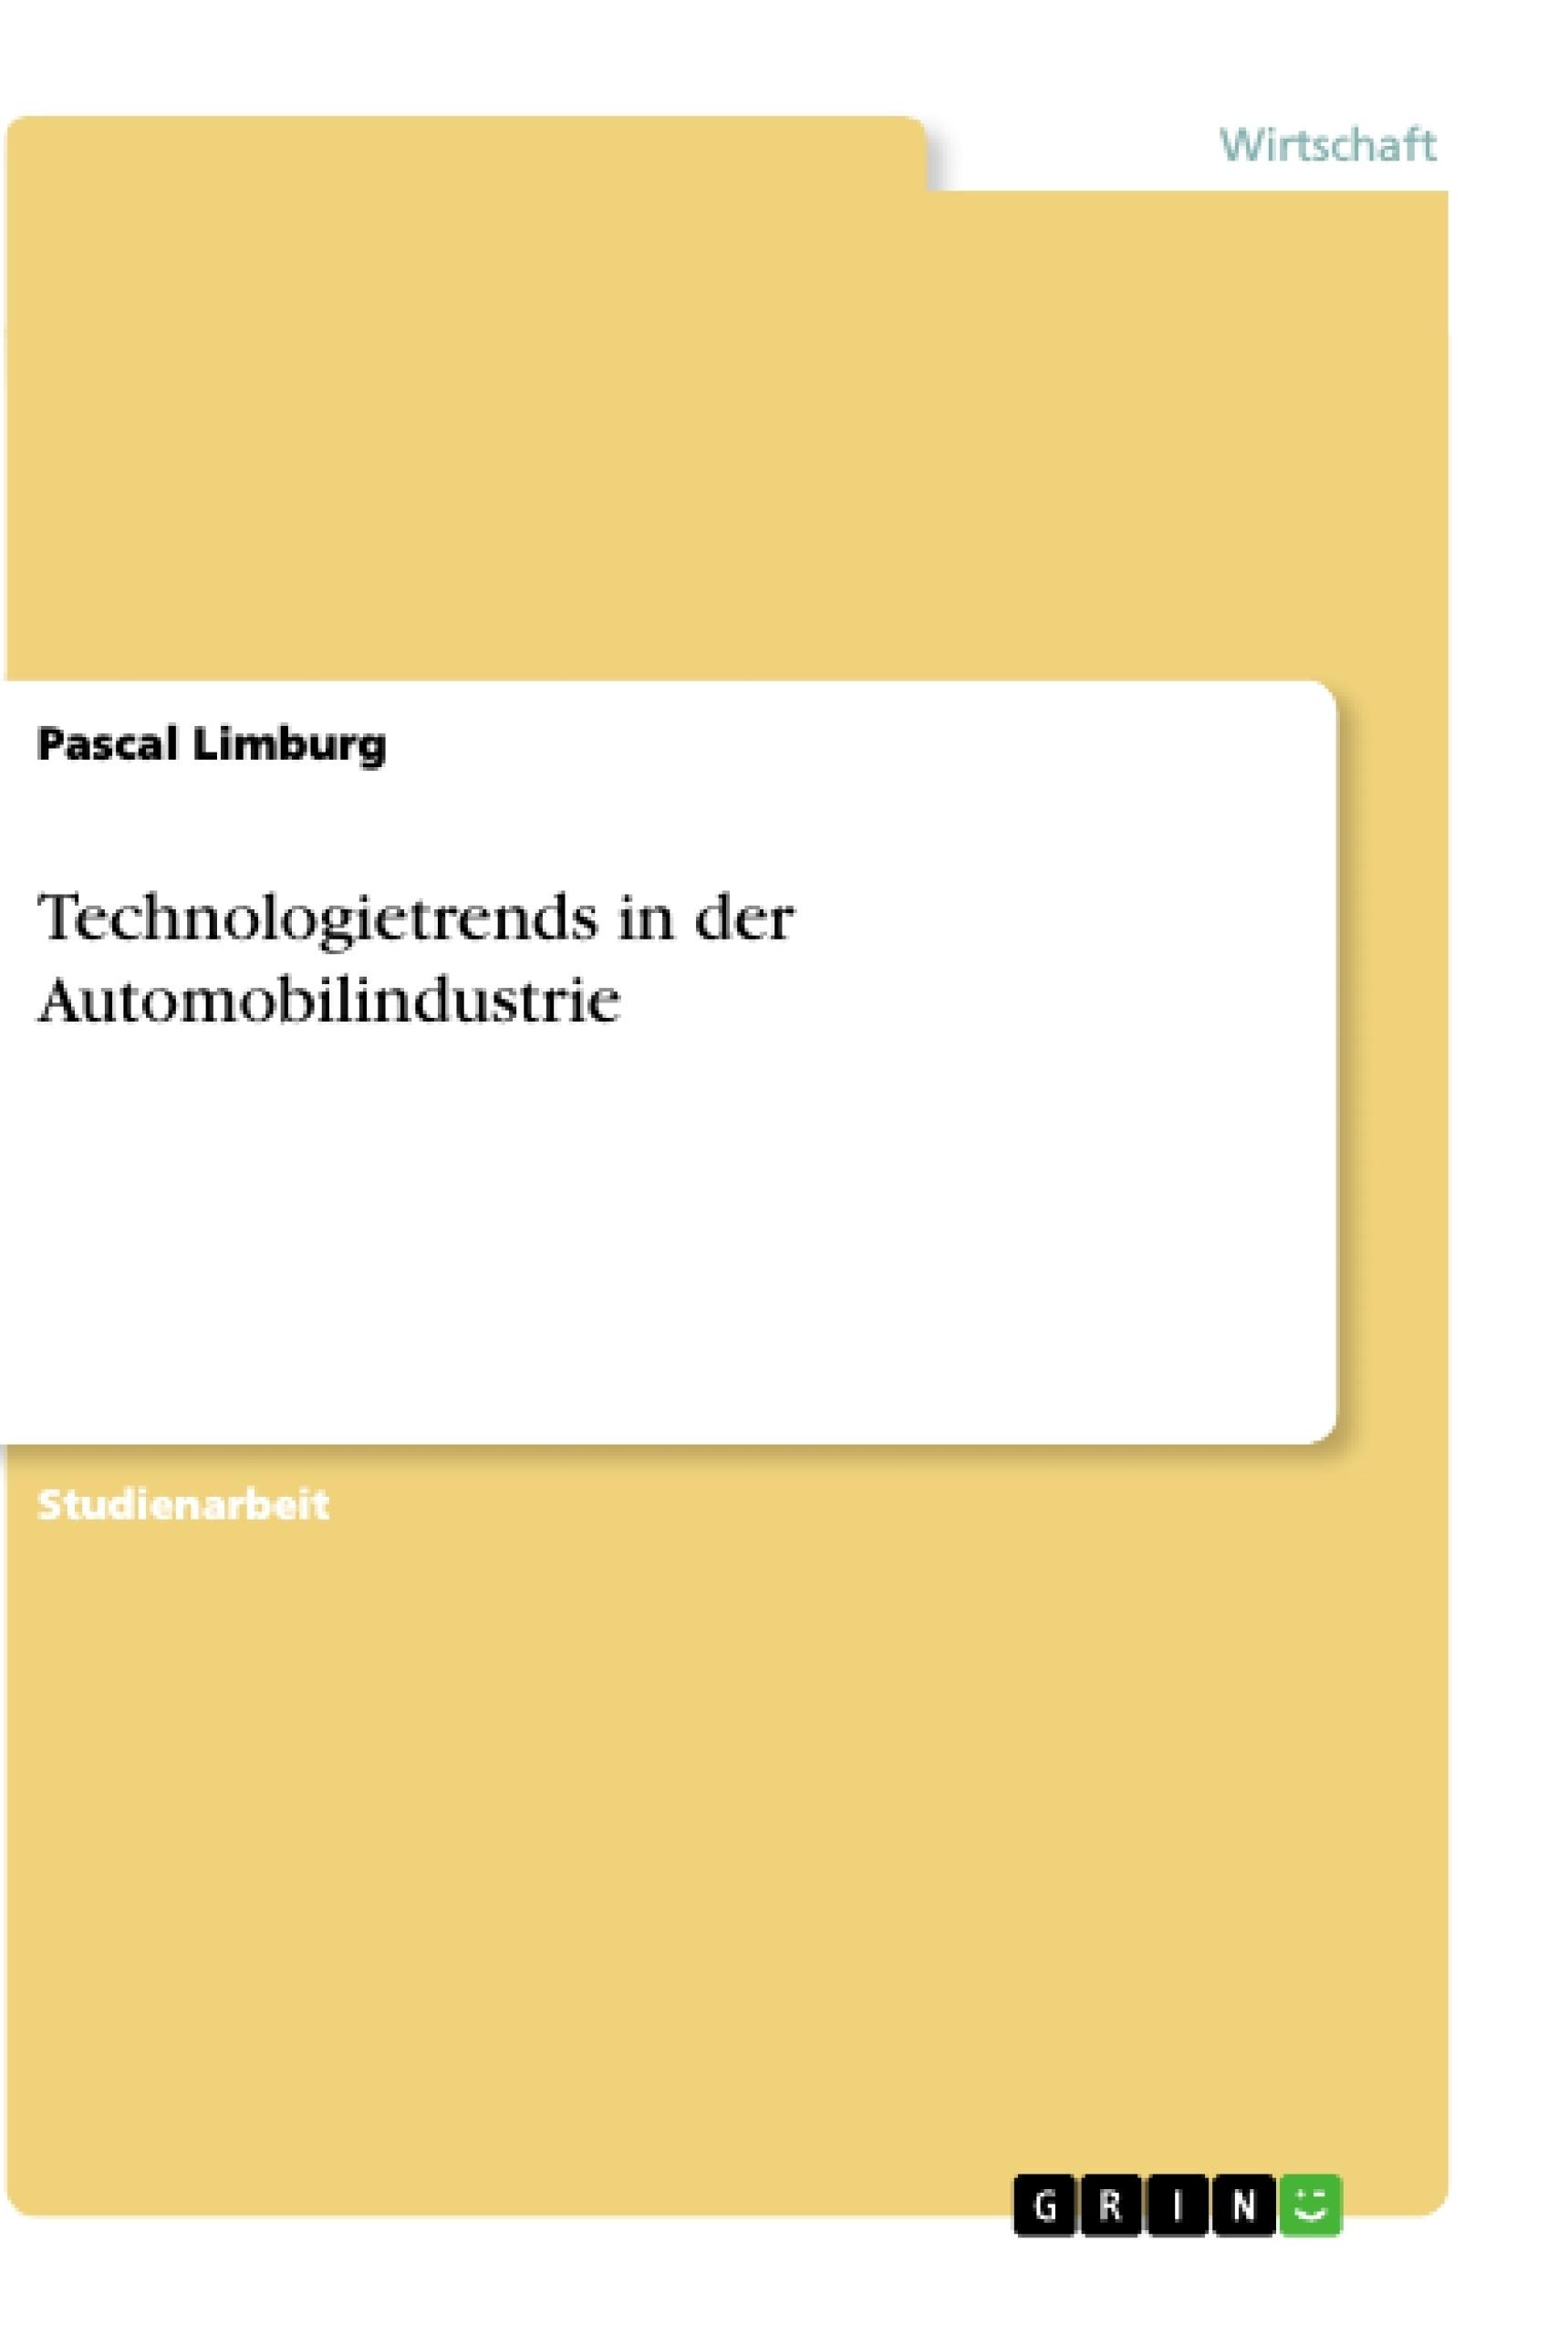 Titel: Technologietrends in der Automobilindustrie